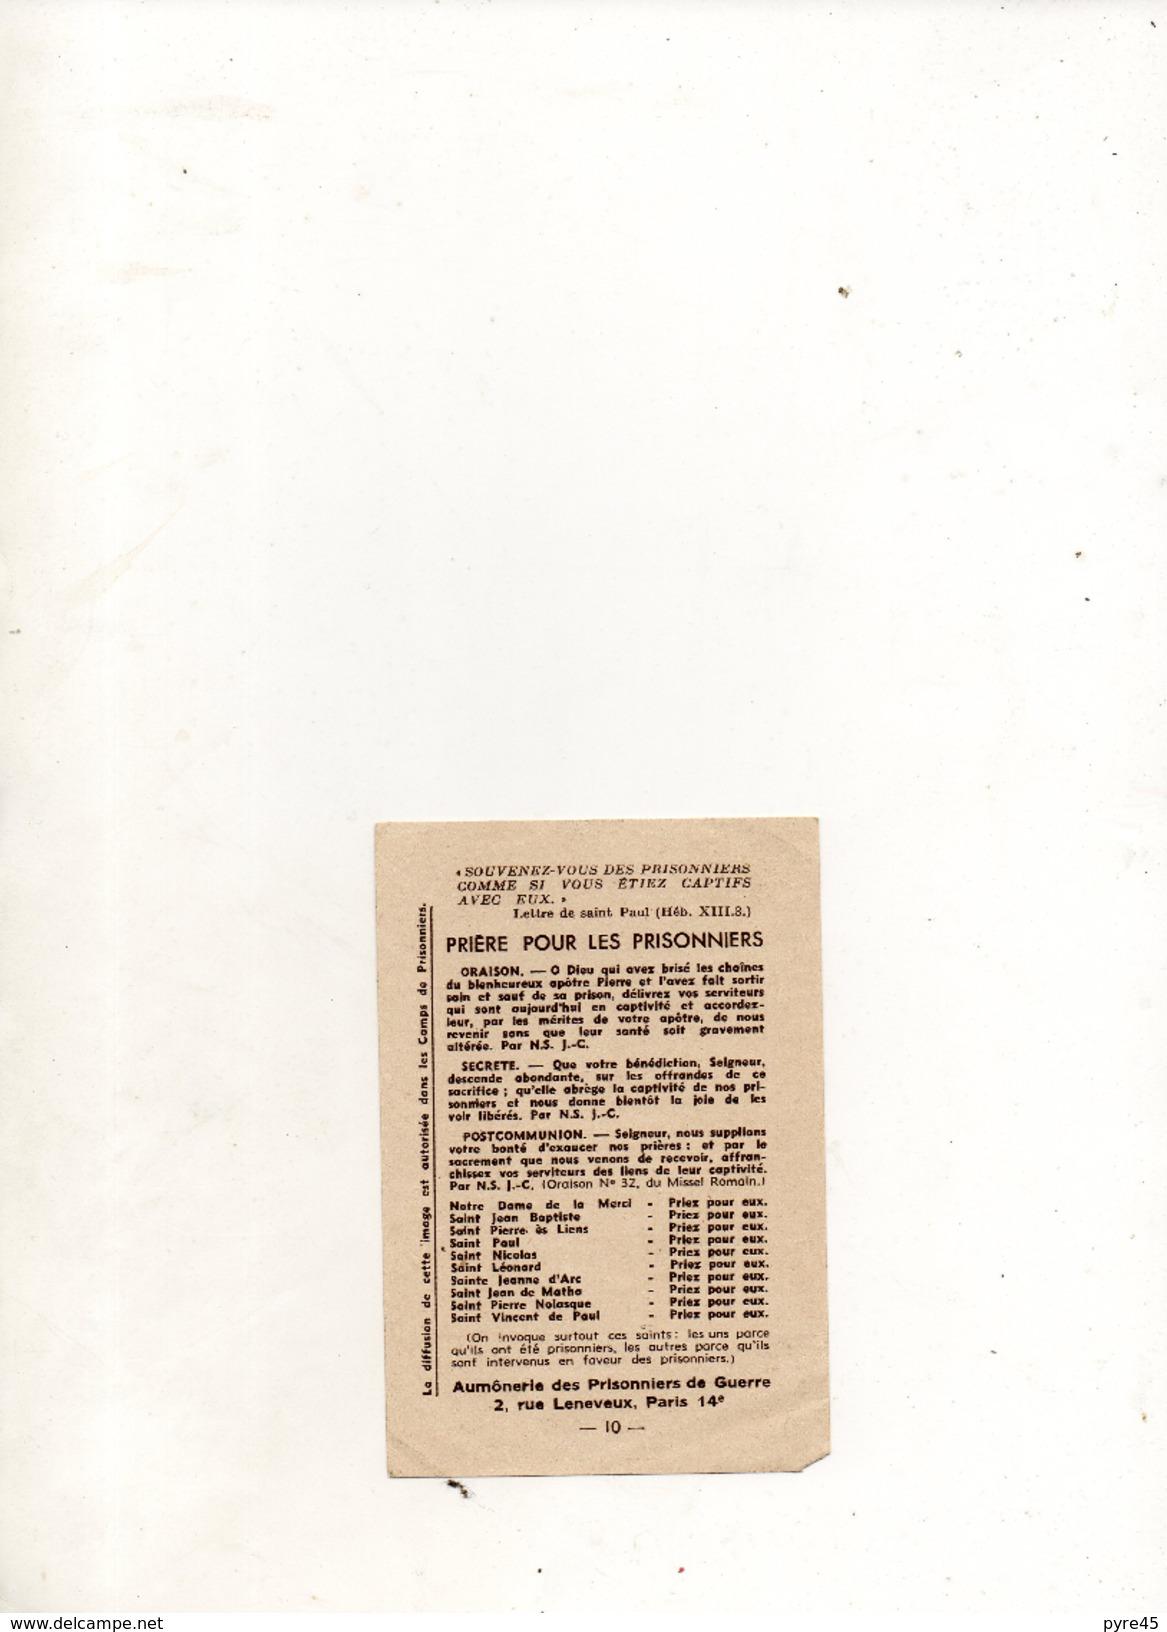 PRIERE POUR LES PRISONNIERS - Documents